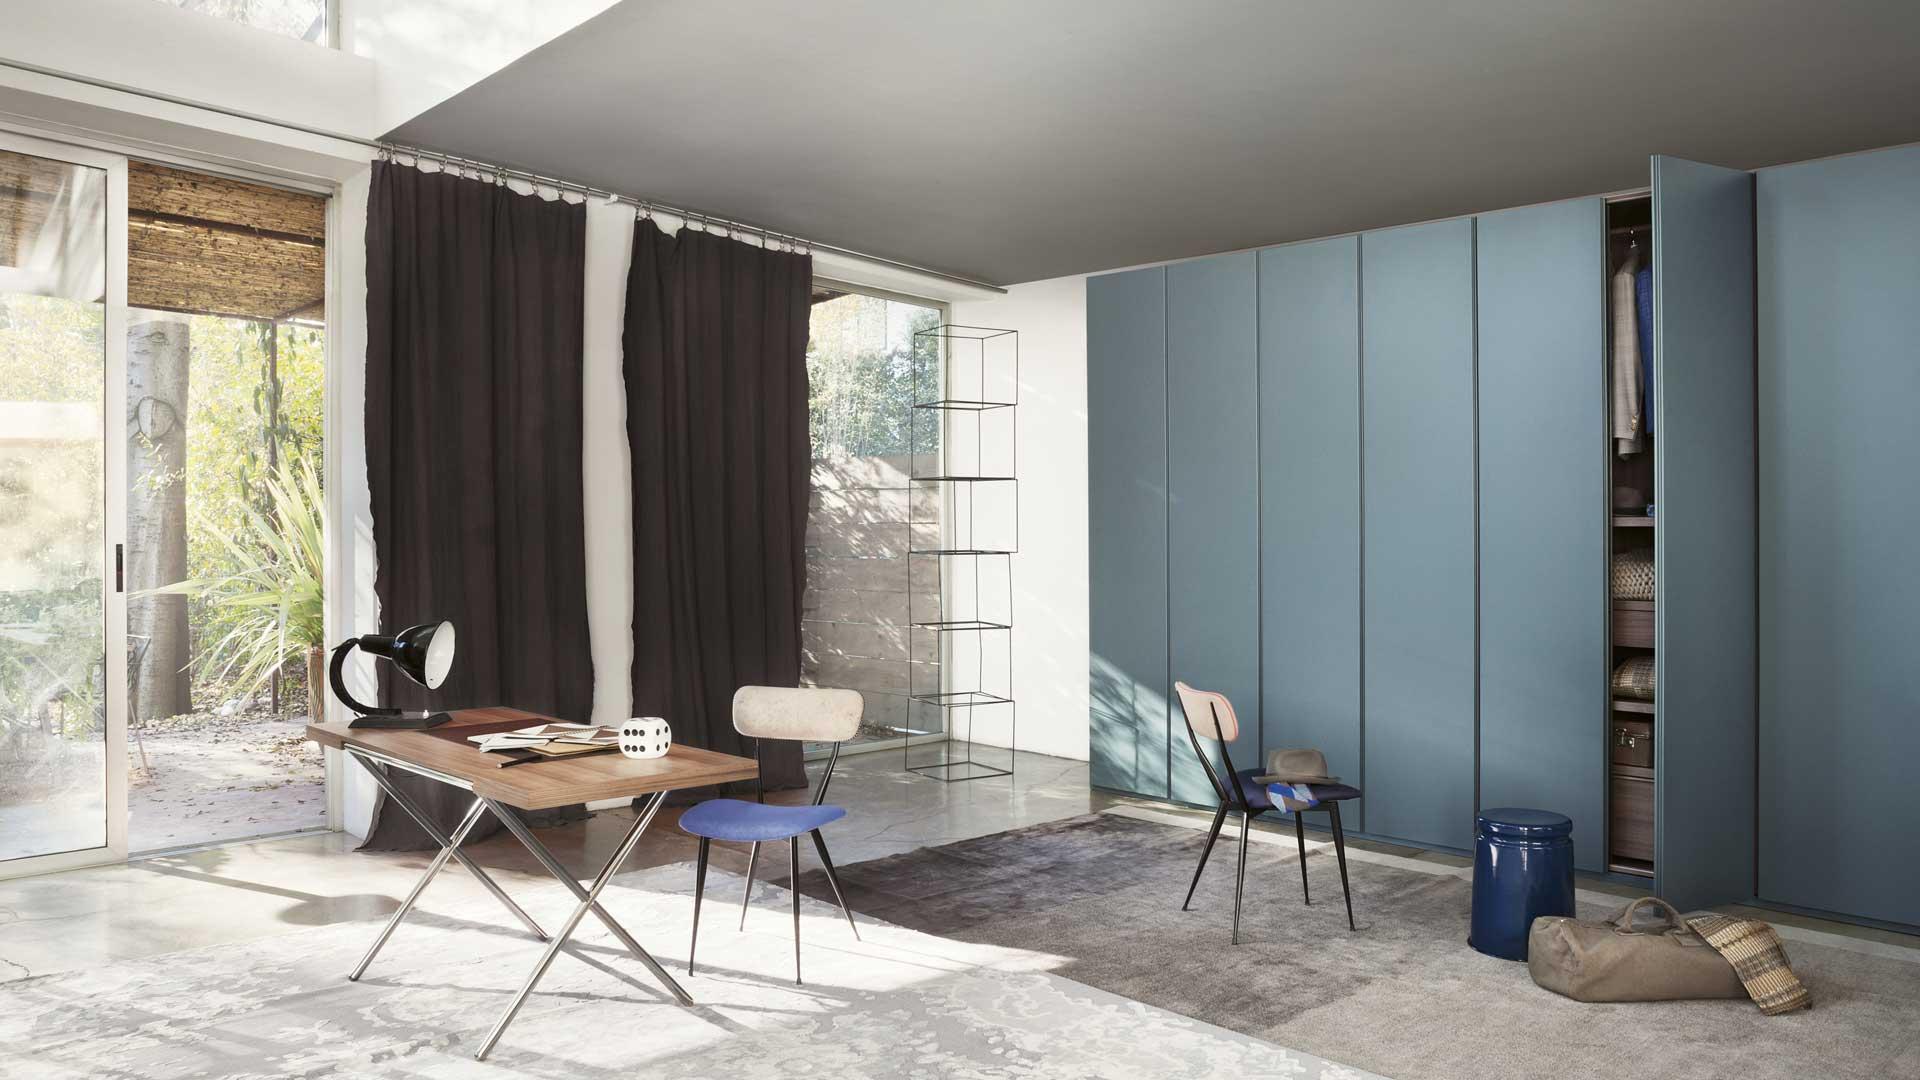 Lema armadio al centimetro Conca - Strippoli Mobili Corato Home ...